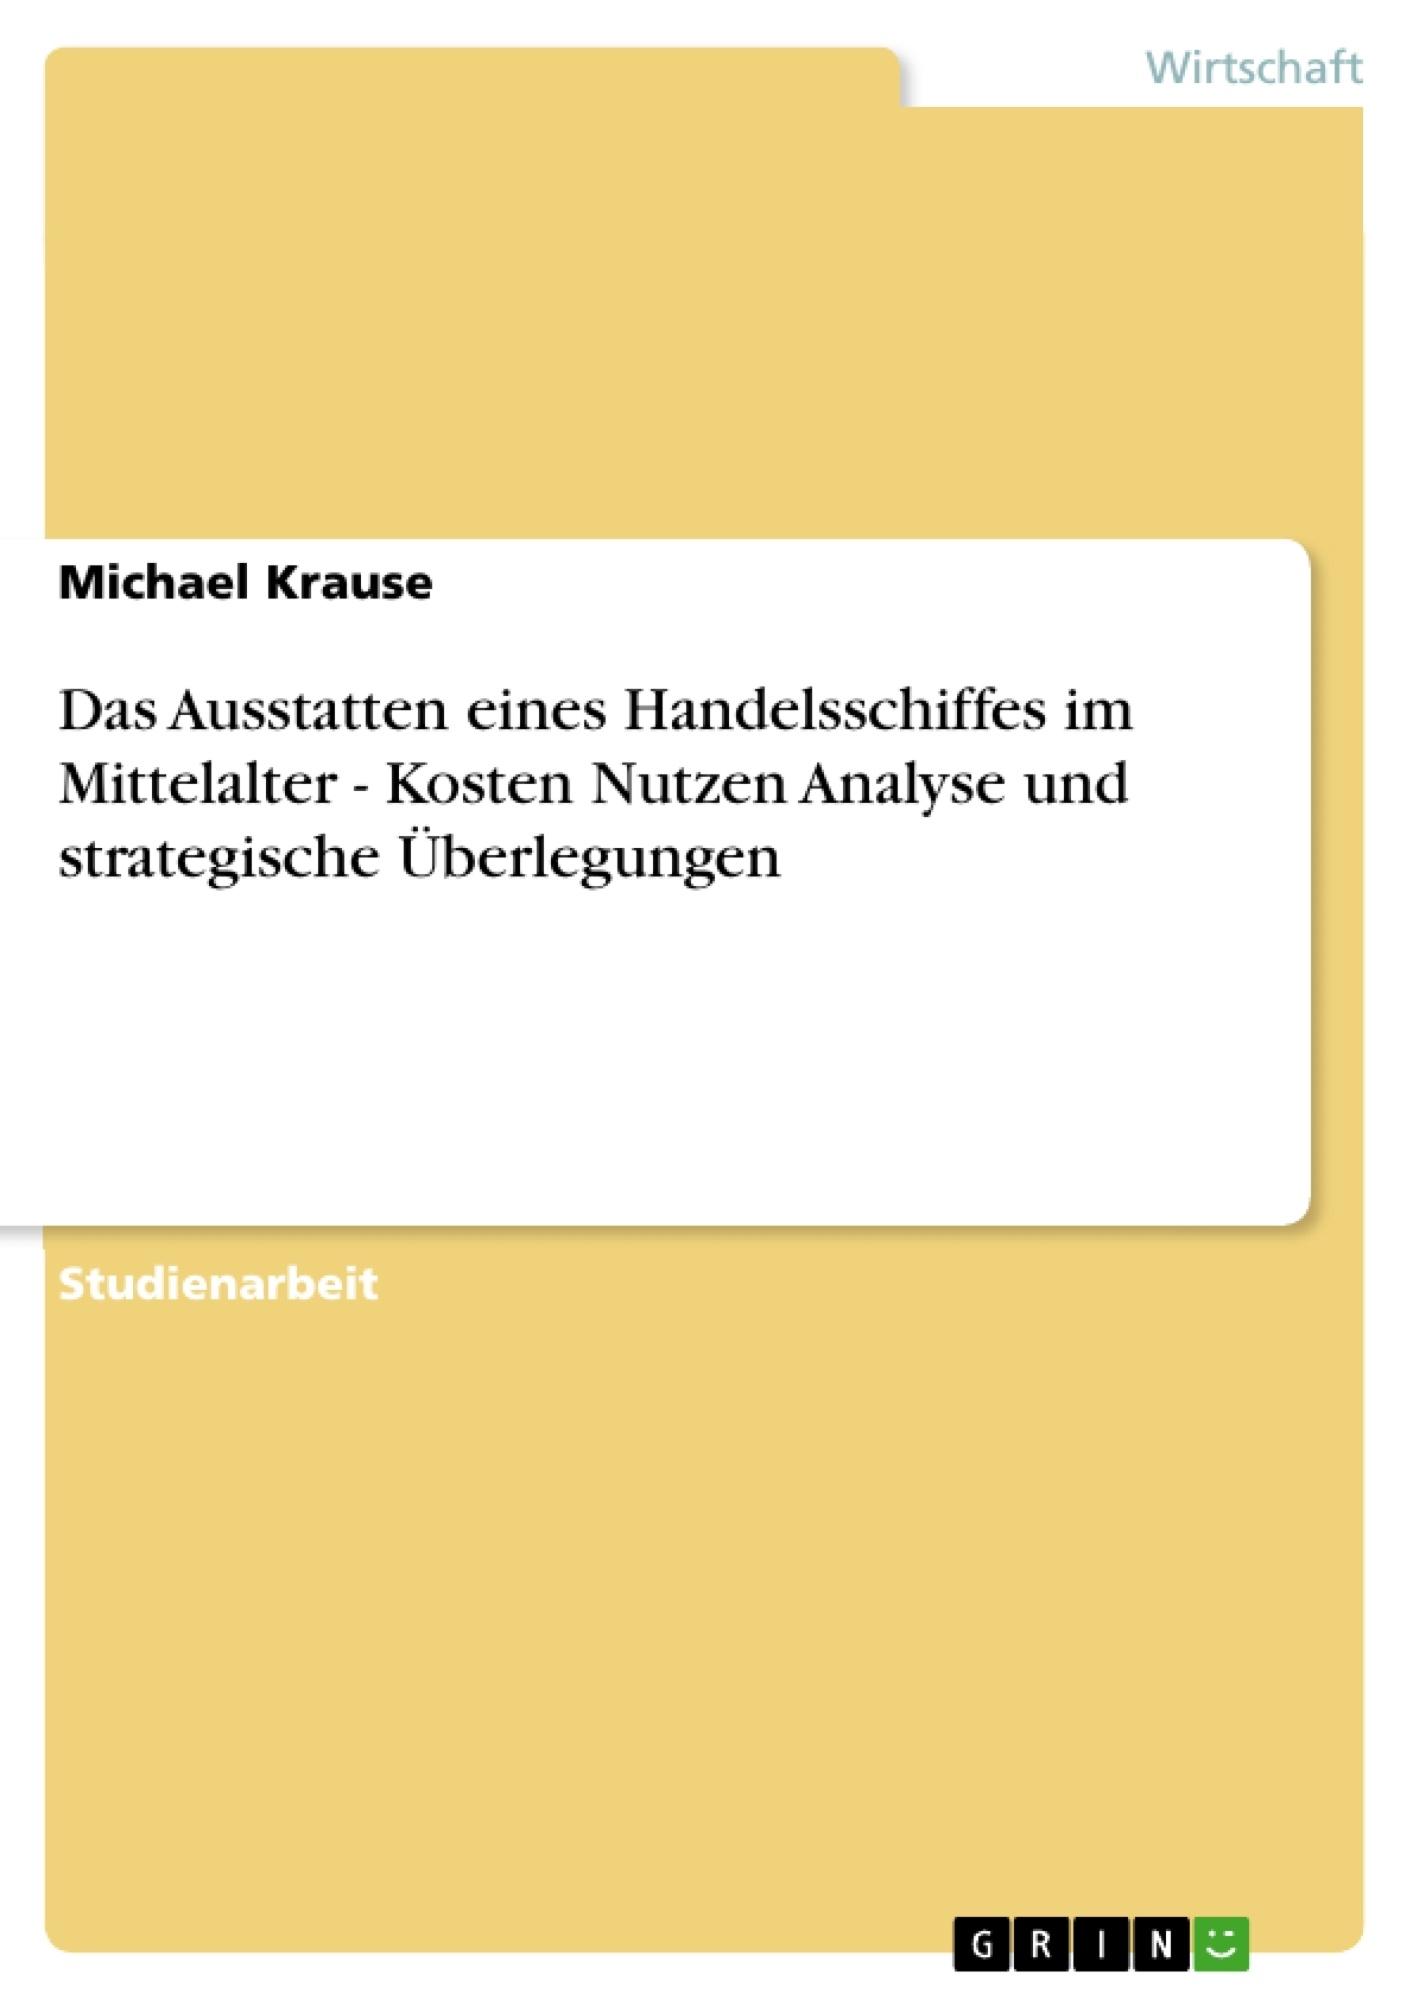 Titel: Das Ausstatten eines Handelsschiffes im Mittelalter - Kosten Nutzen Analyse und strategische Überlegungen